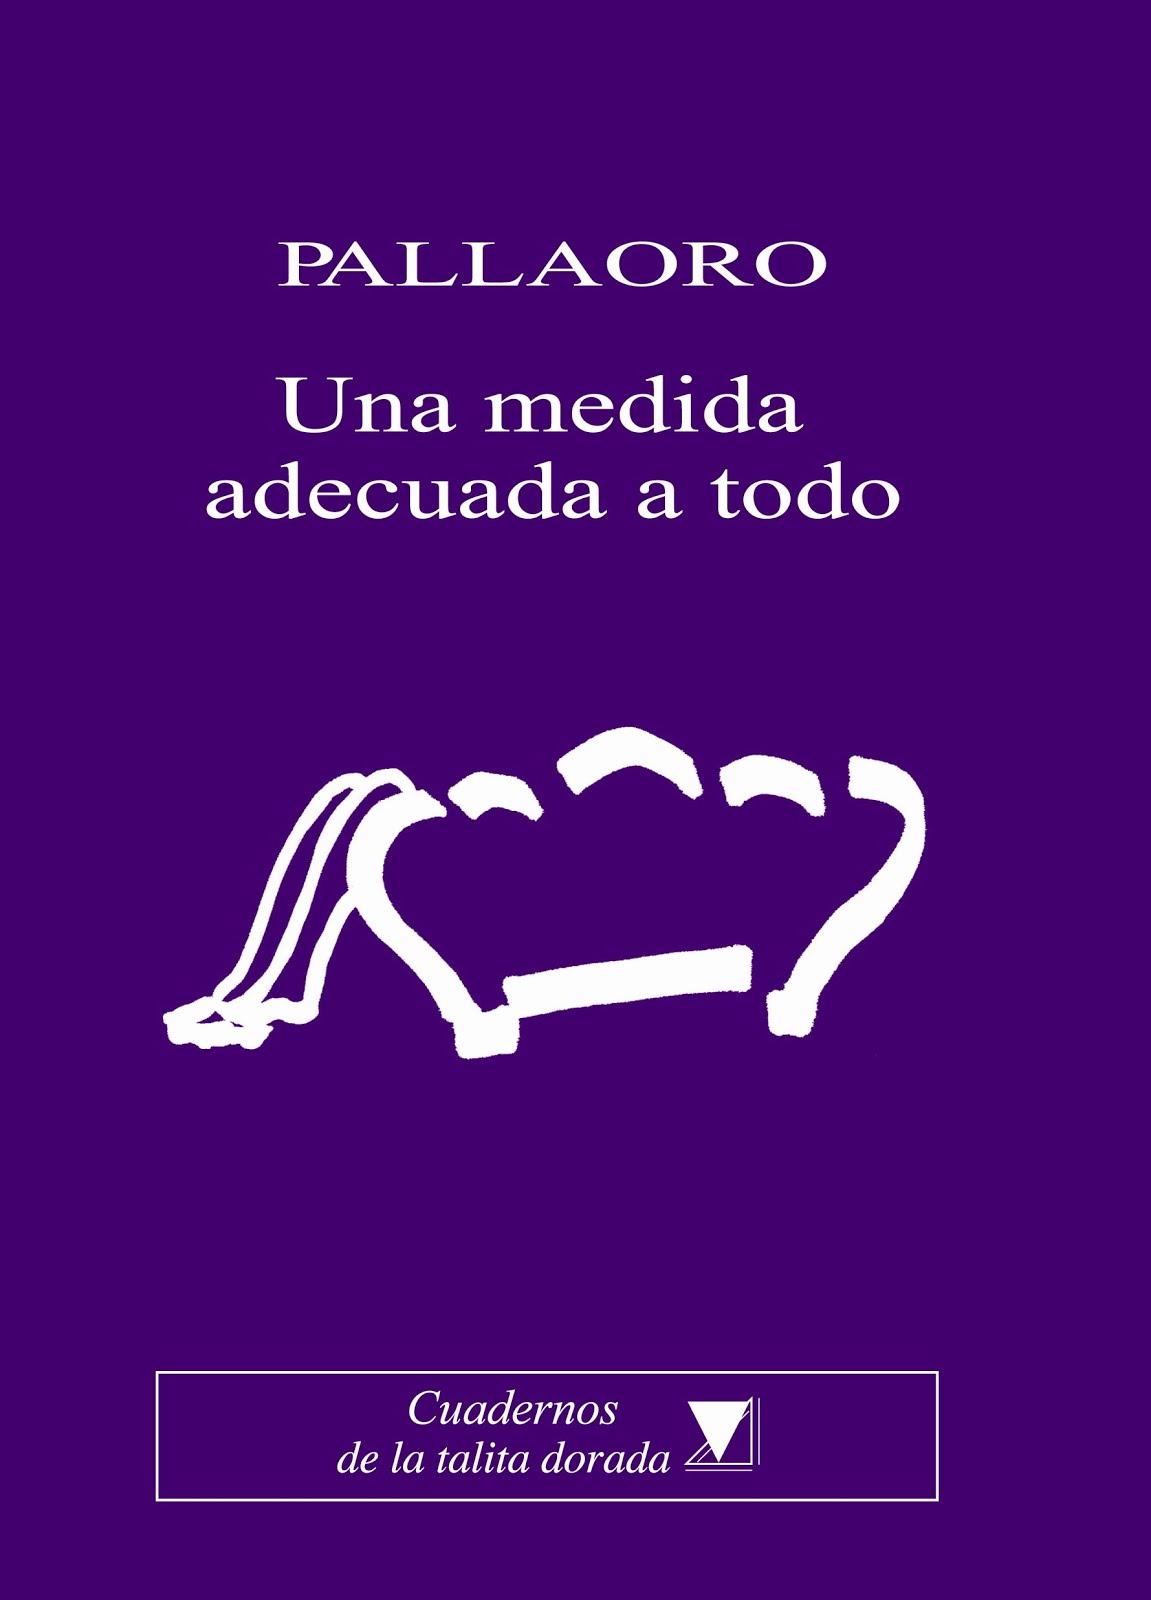 PALLAORO: Una medida adecuada a todo, 2012